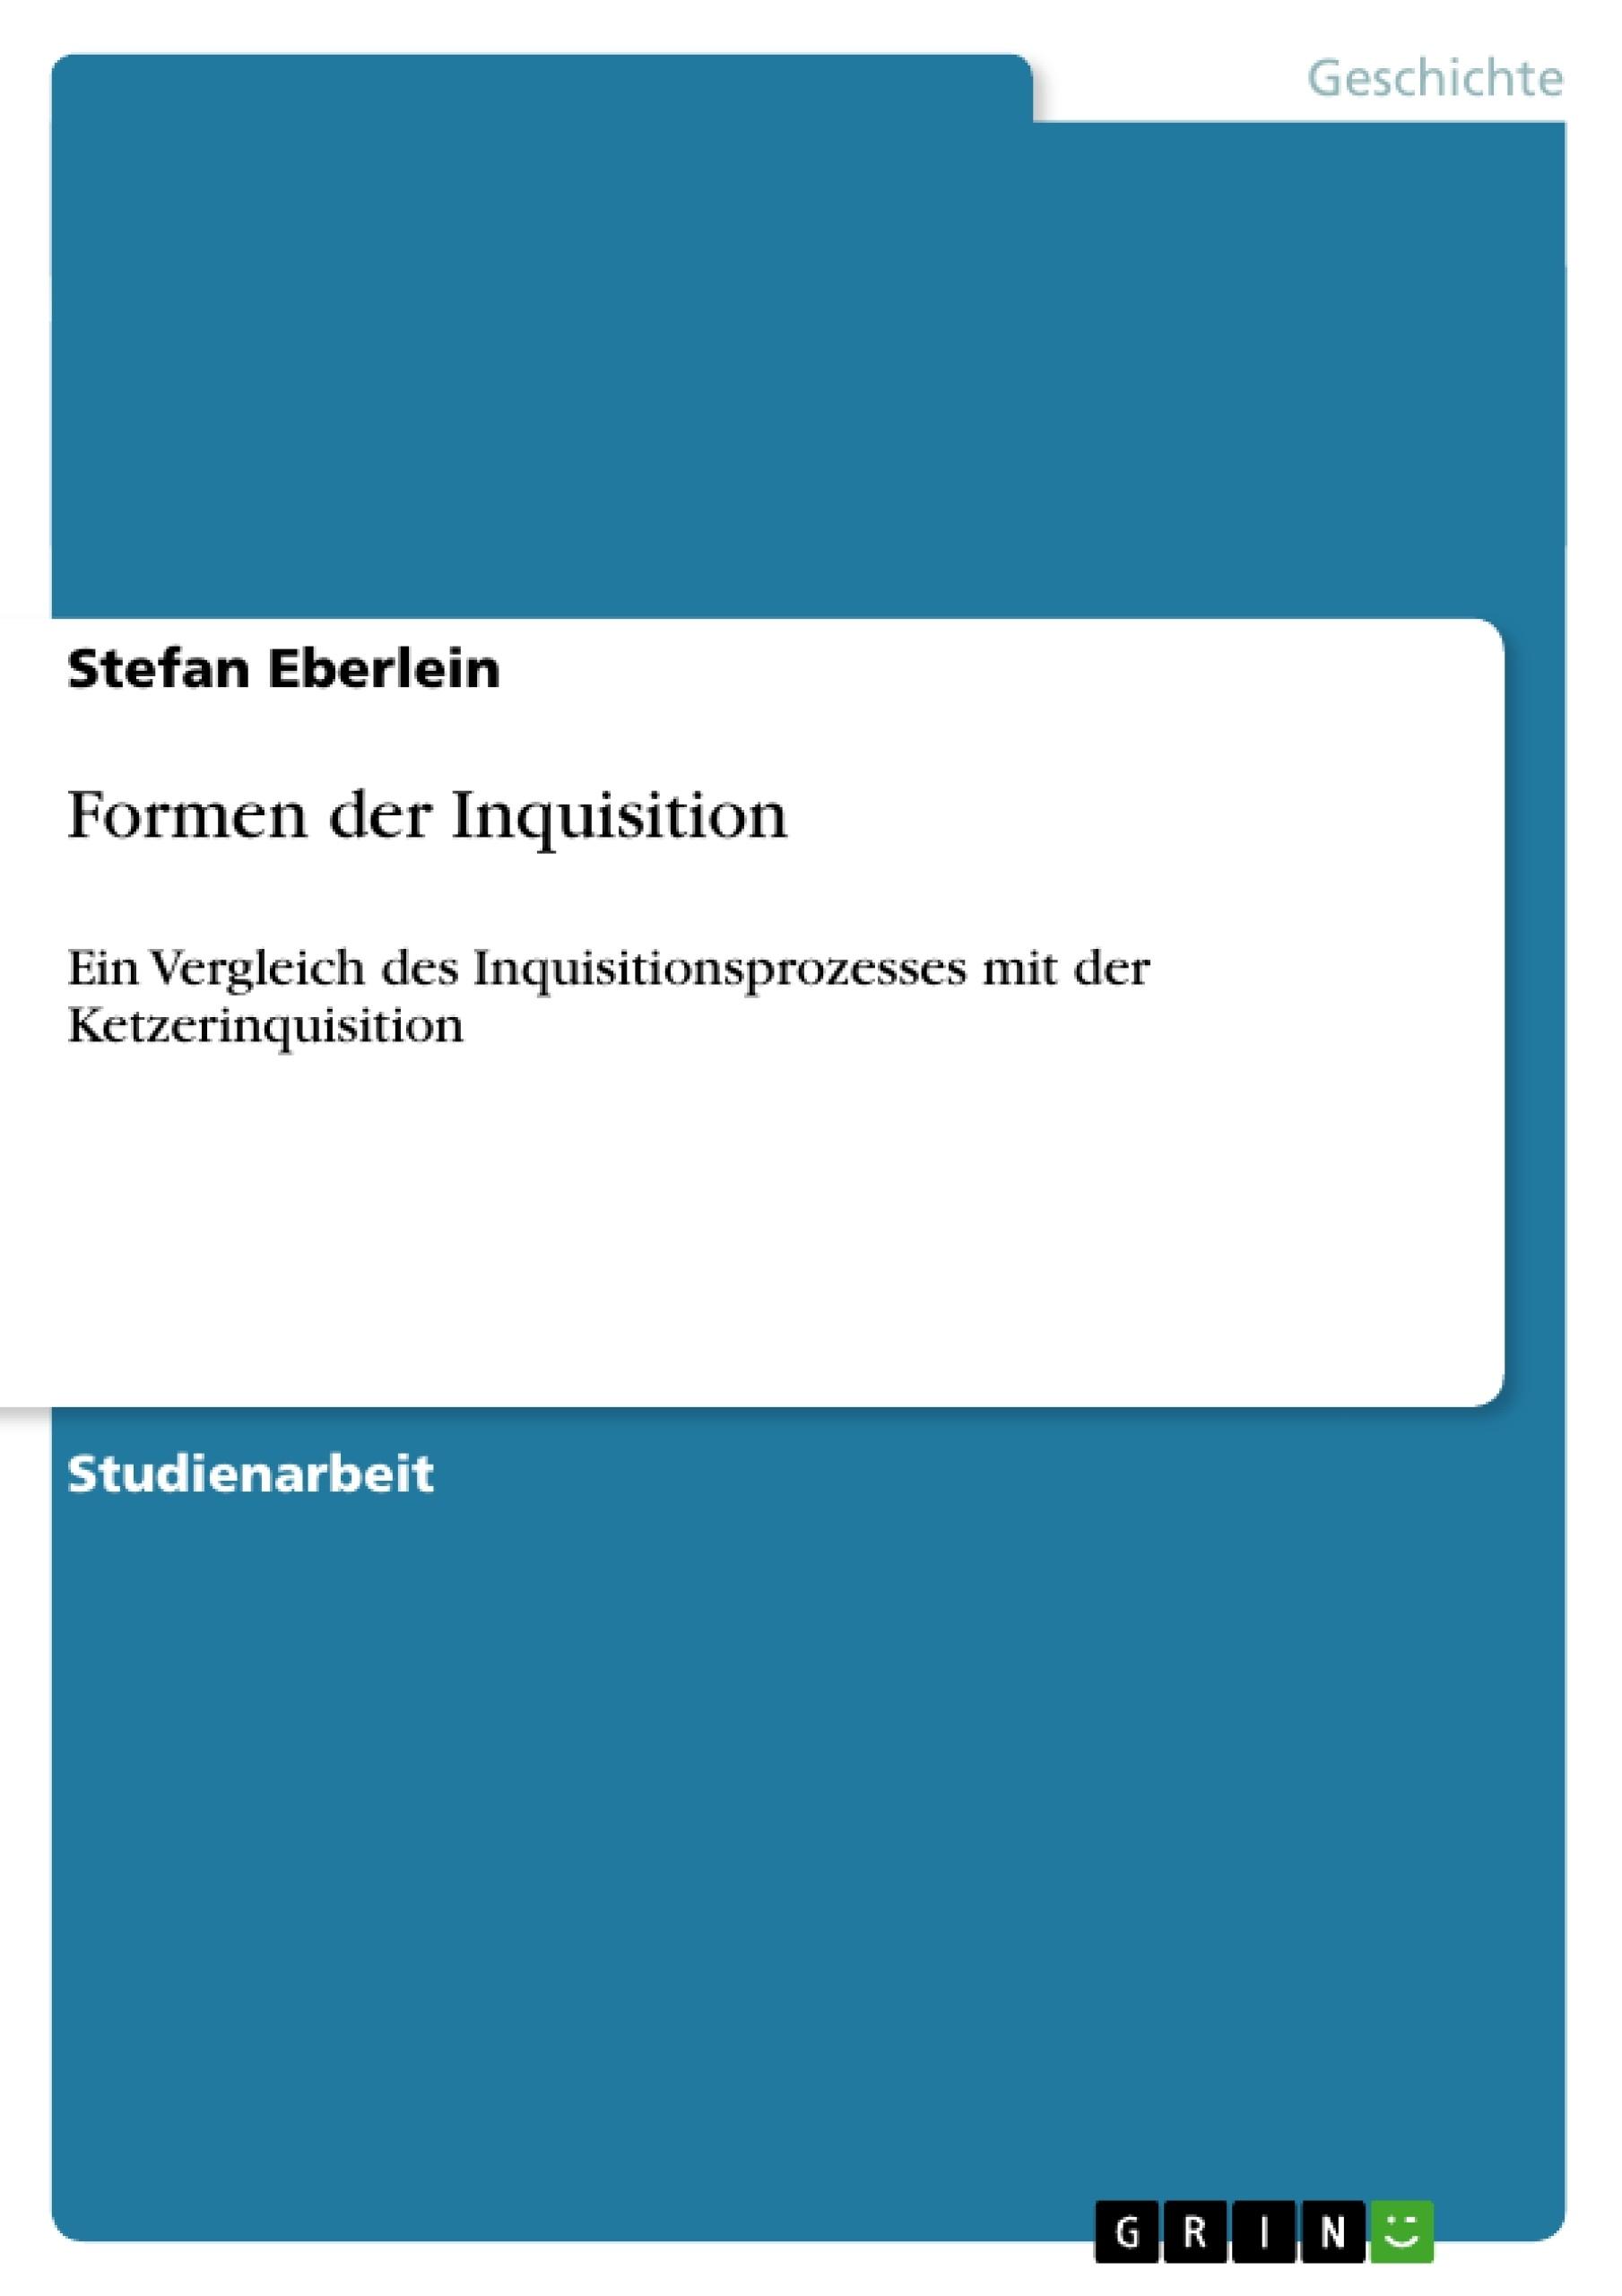 Titel: Formen der Inquisition